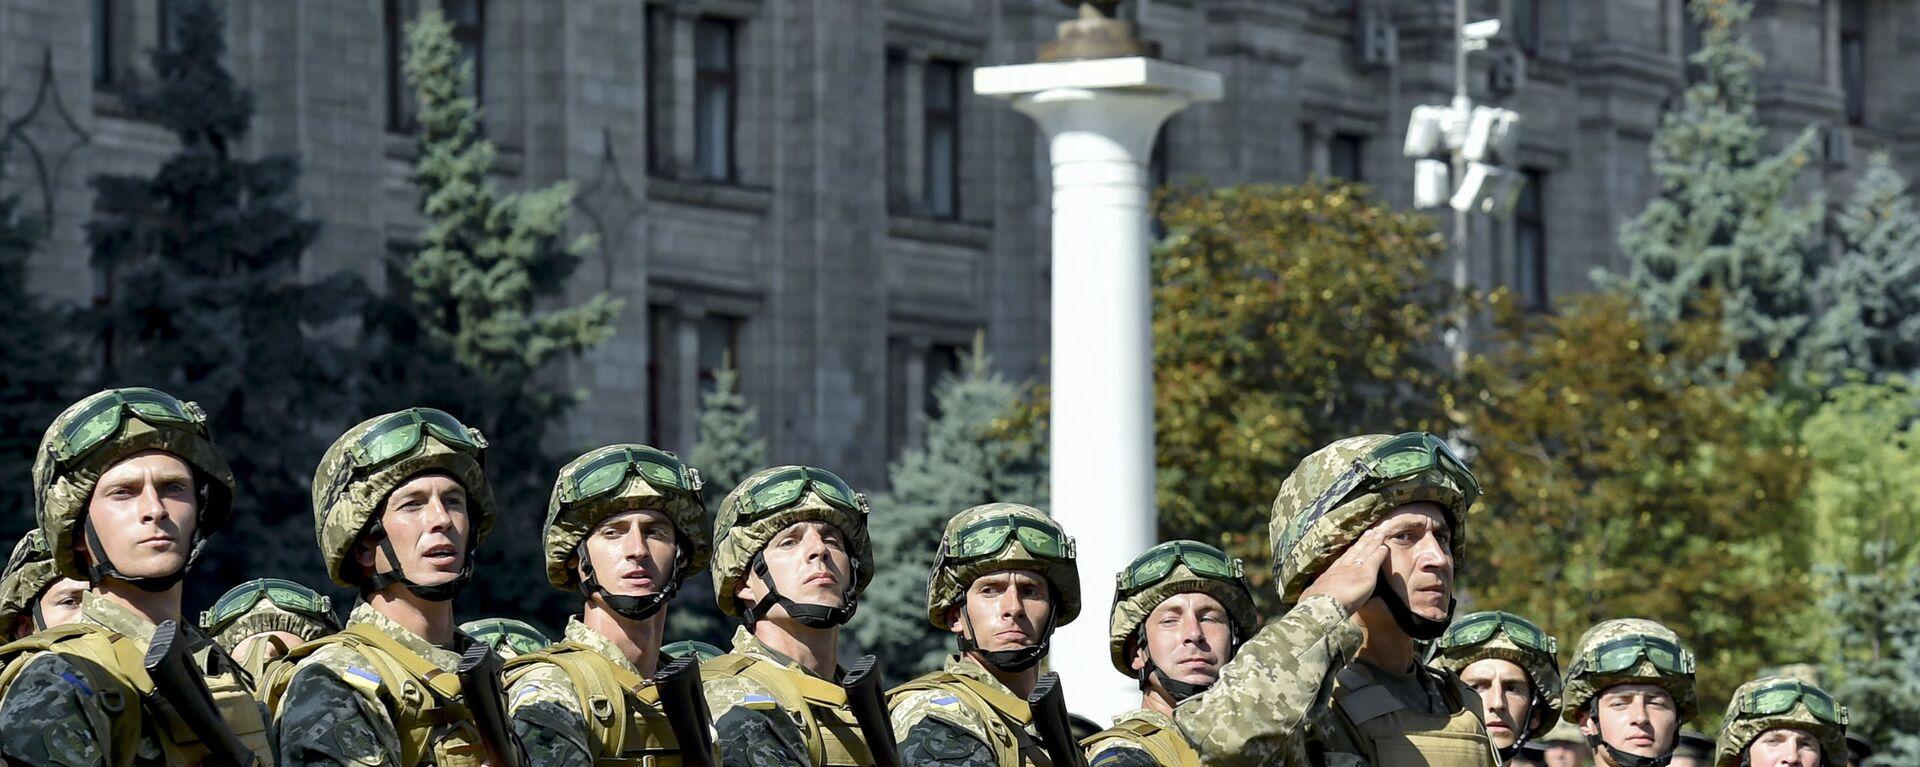 Военнослужащие ВСУ на марше в честь Дня Независимости в Киеве - Sputnik Latvija, 1920, 20.08.2021